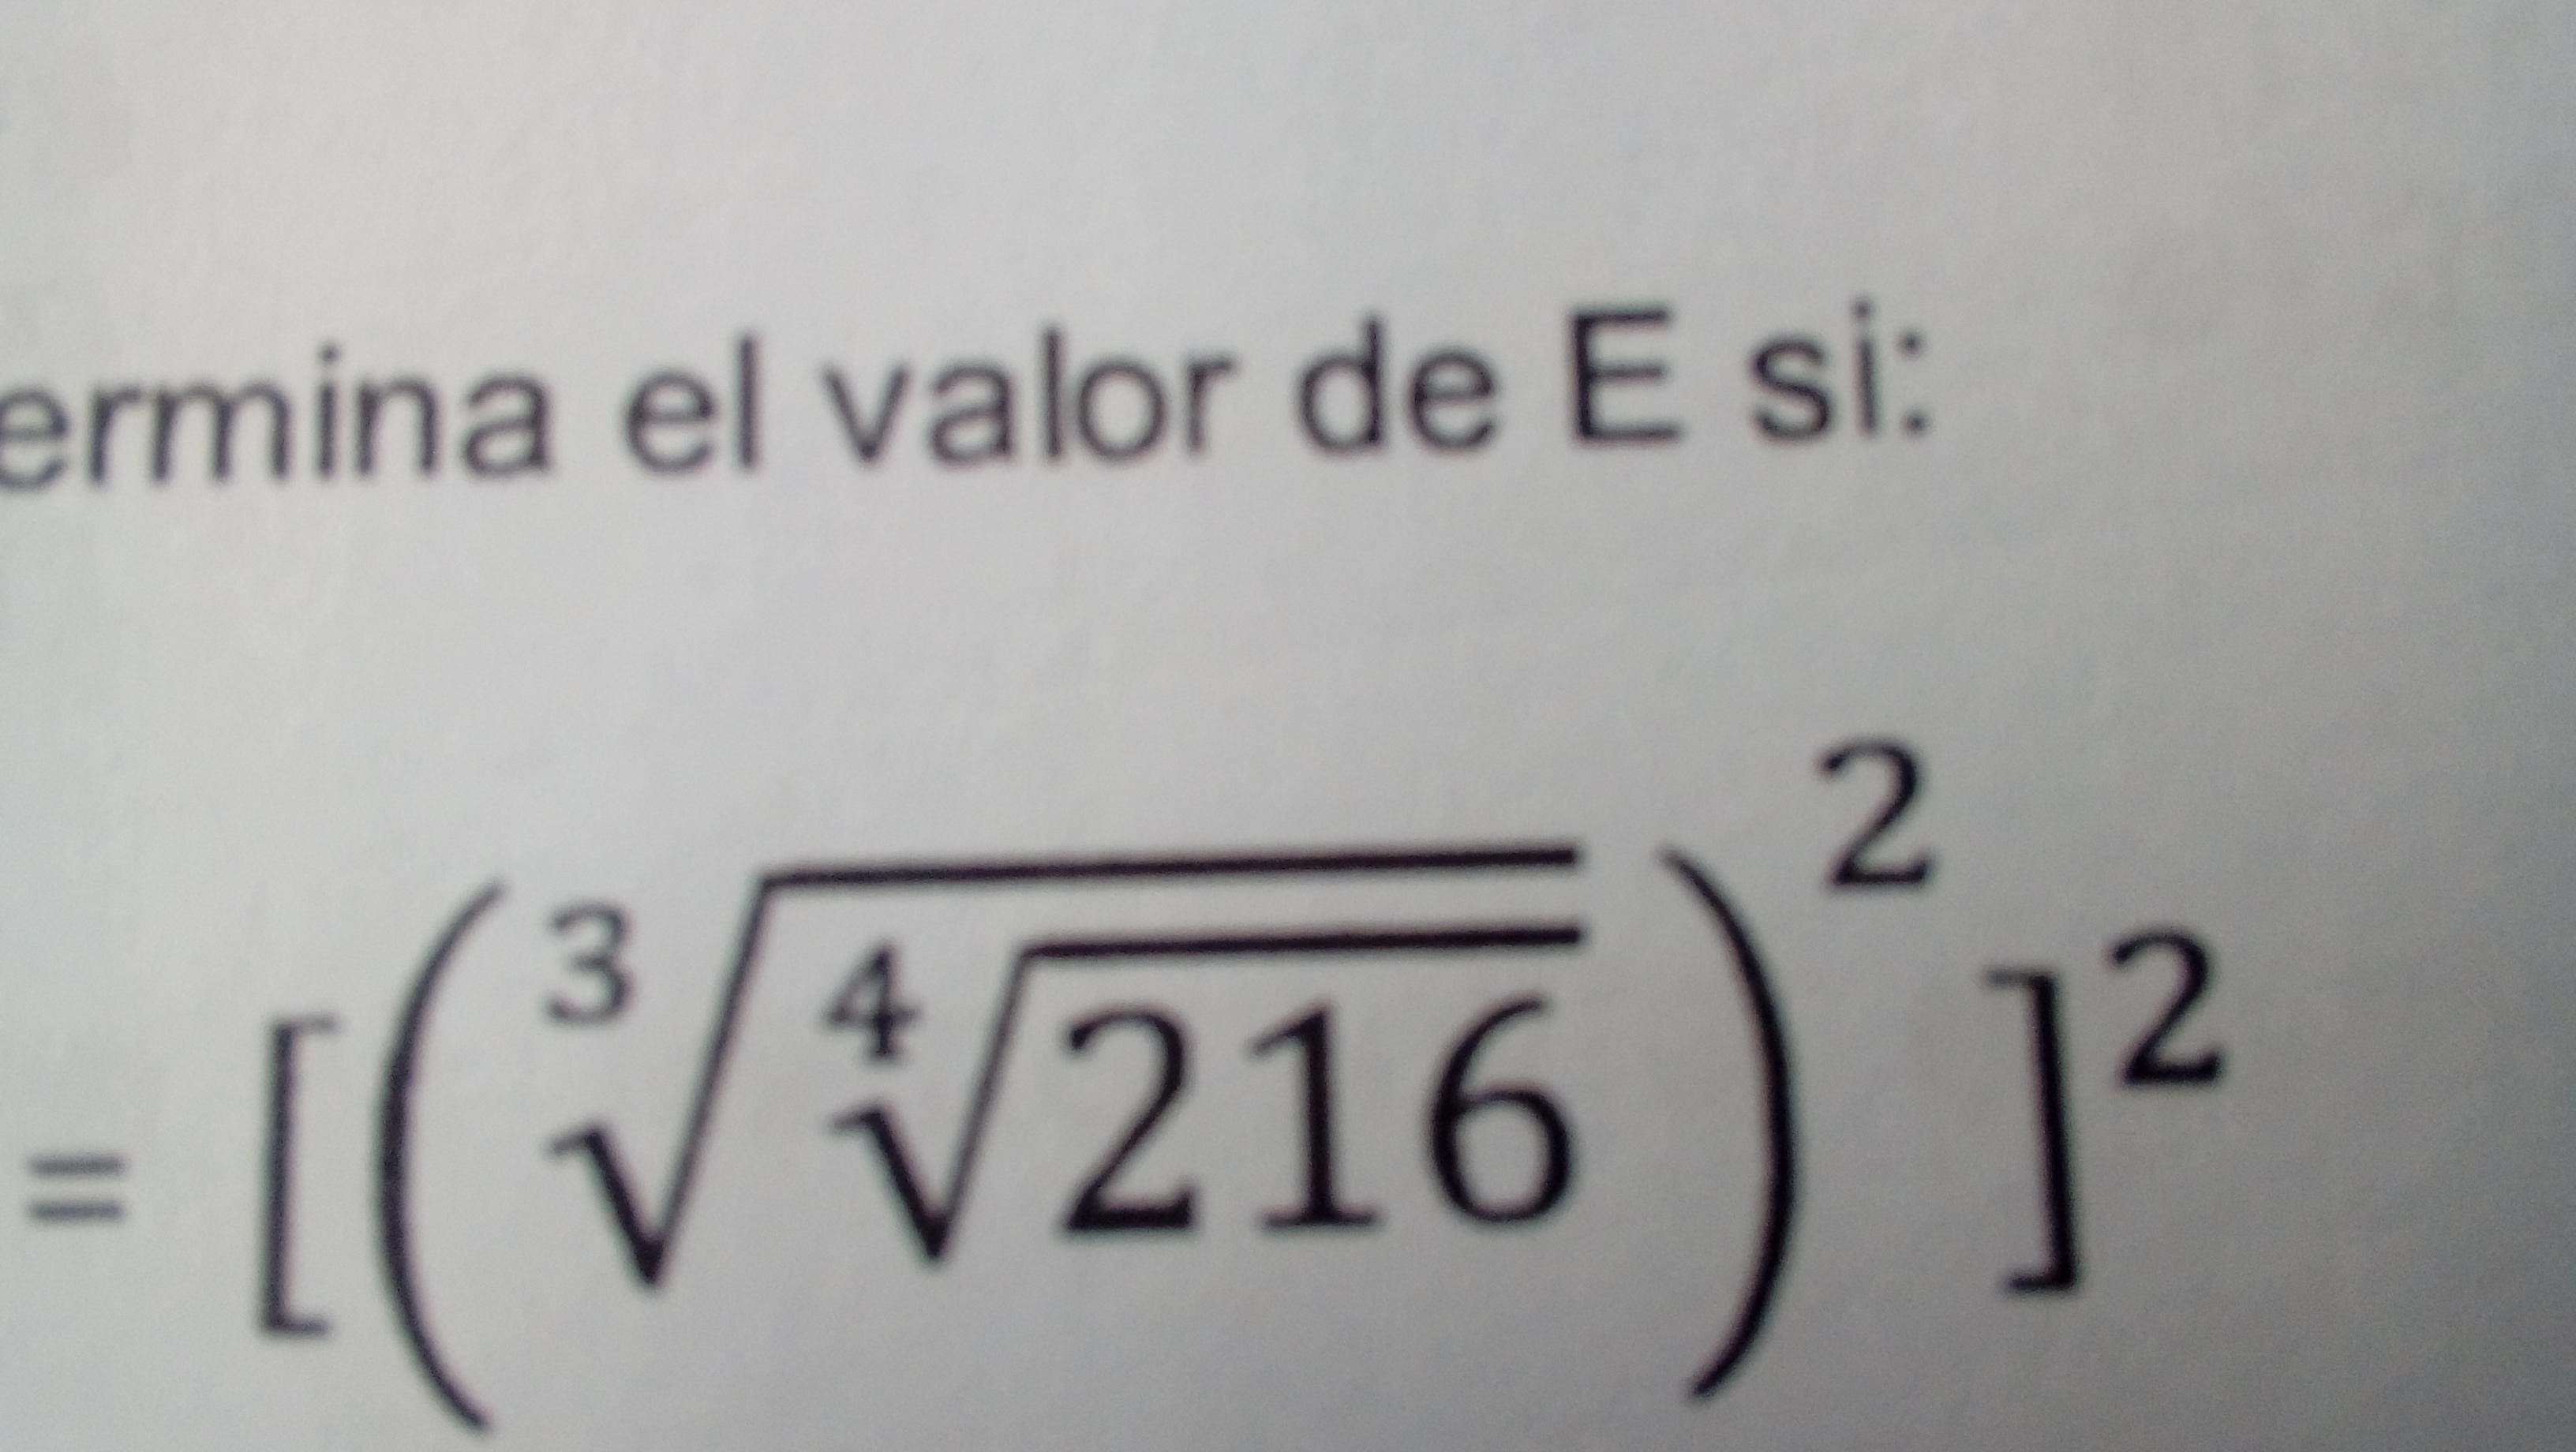 Raiz cubica de la raiz cuarta de 216 elevado a la potencia 2 elevado ...